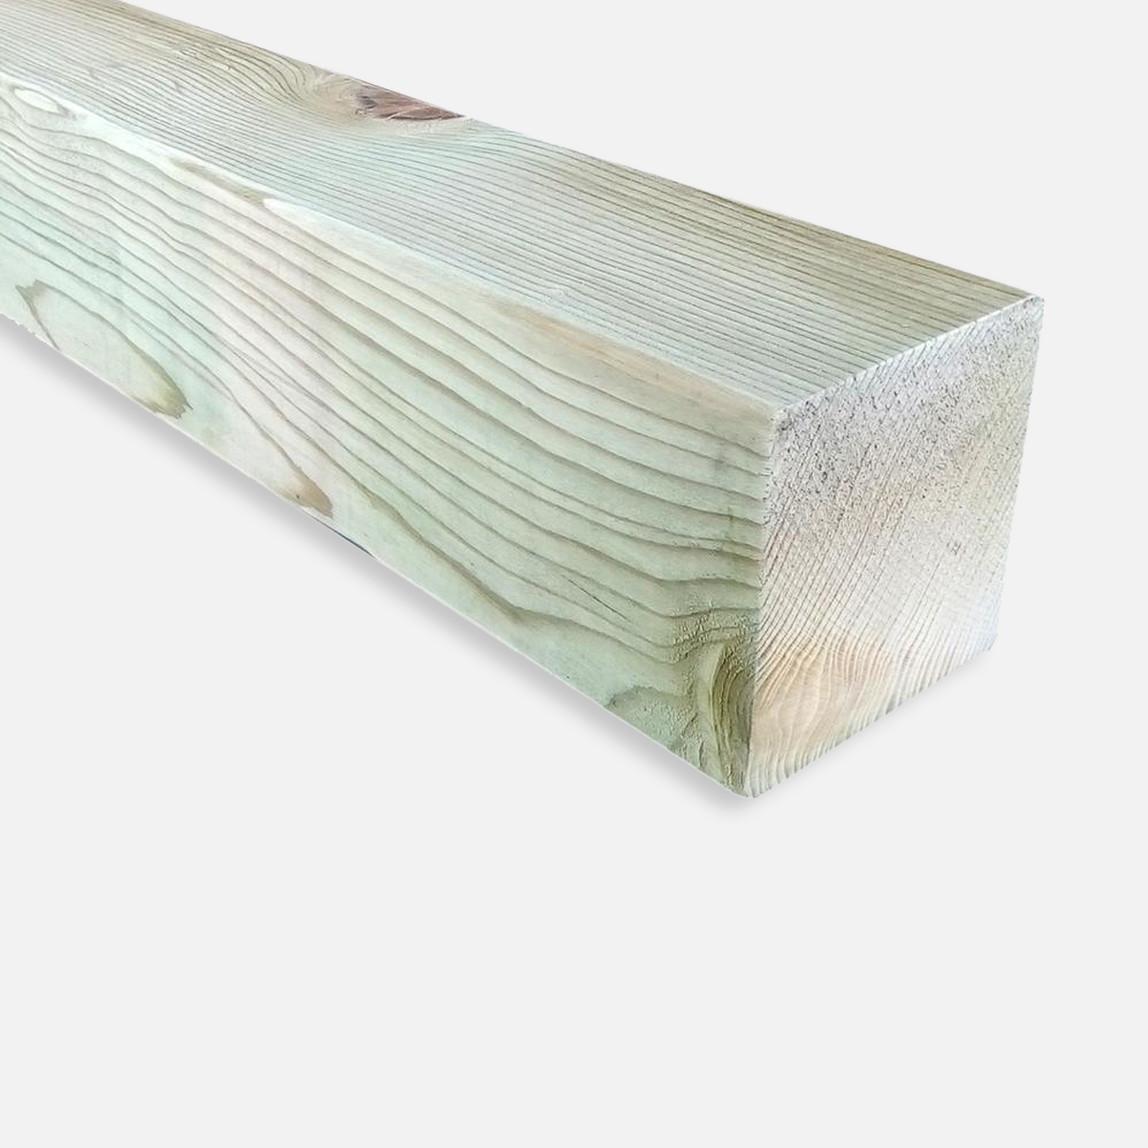 Ladin Yeşil Emprenyeli Kereste Silinmiş